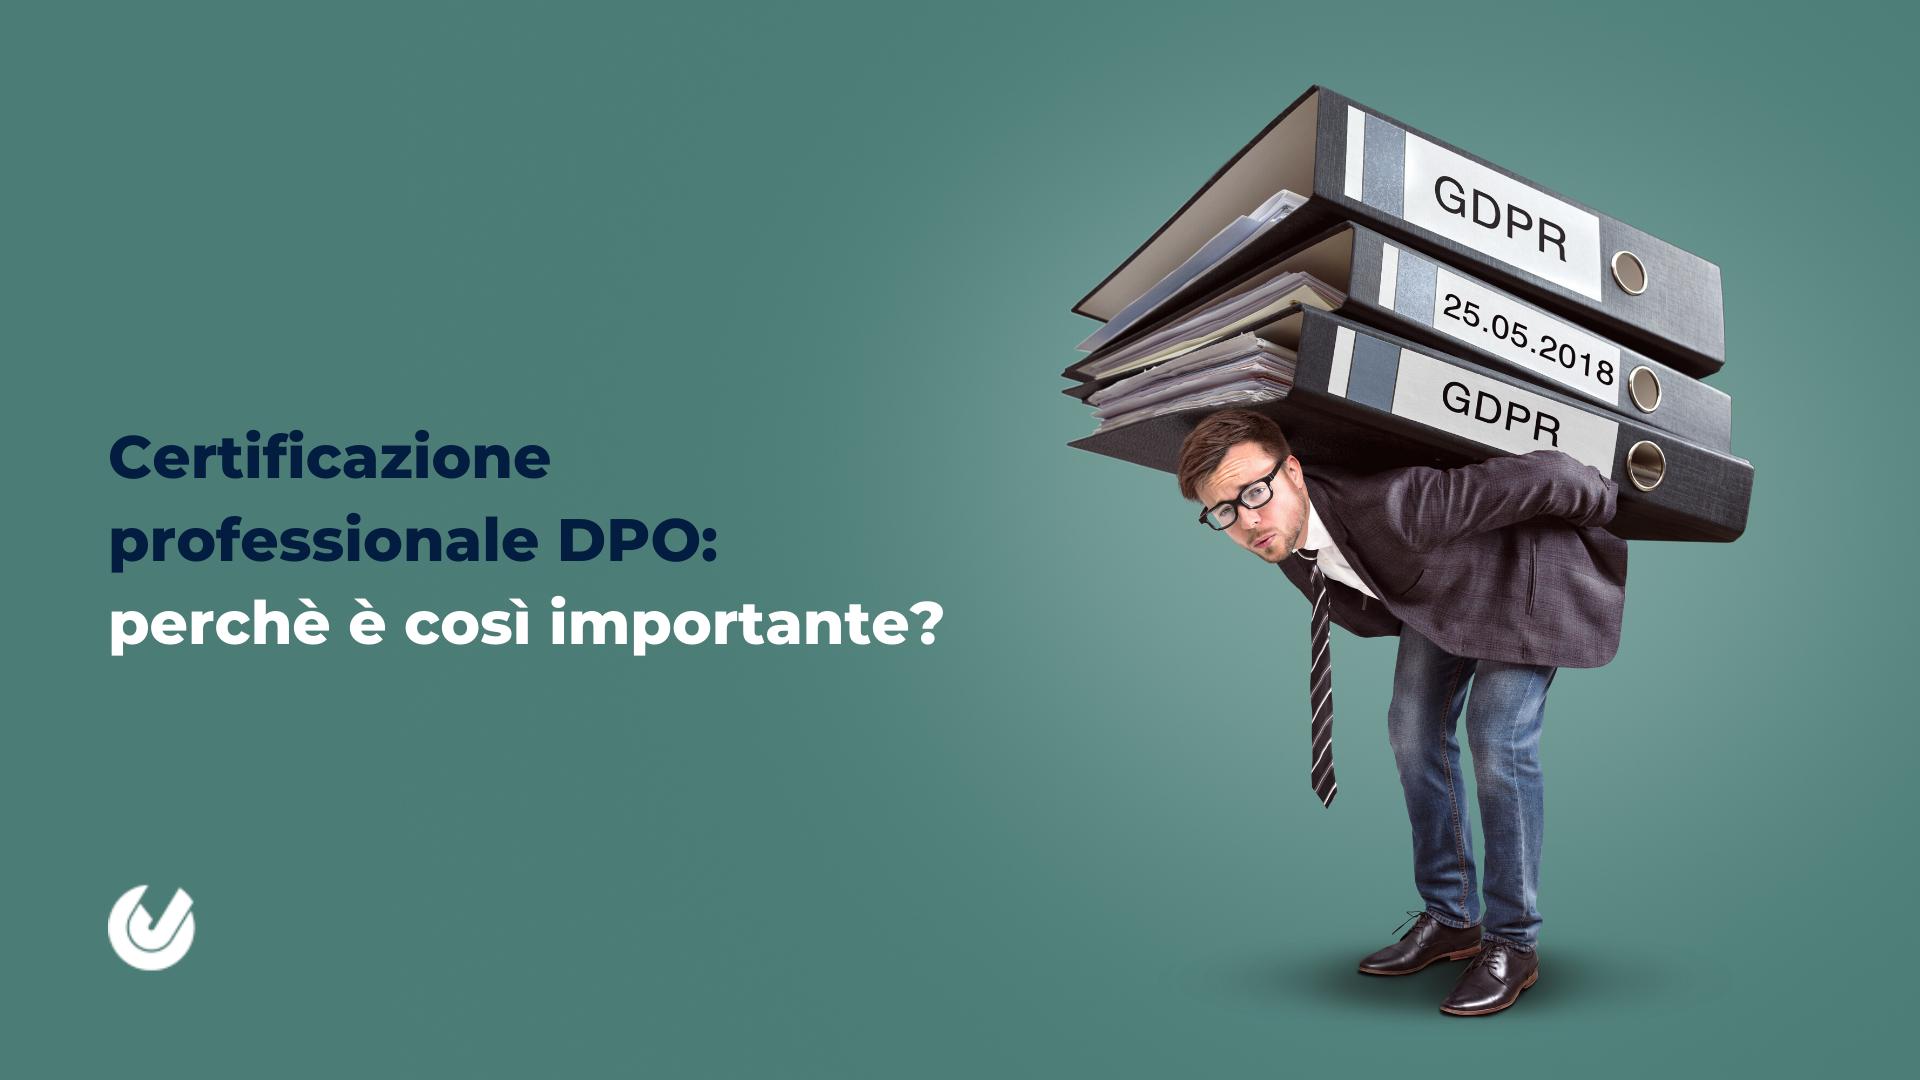 Certificazione professionale DPO: perché é così importante?